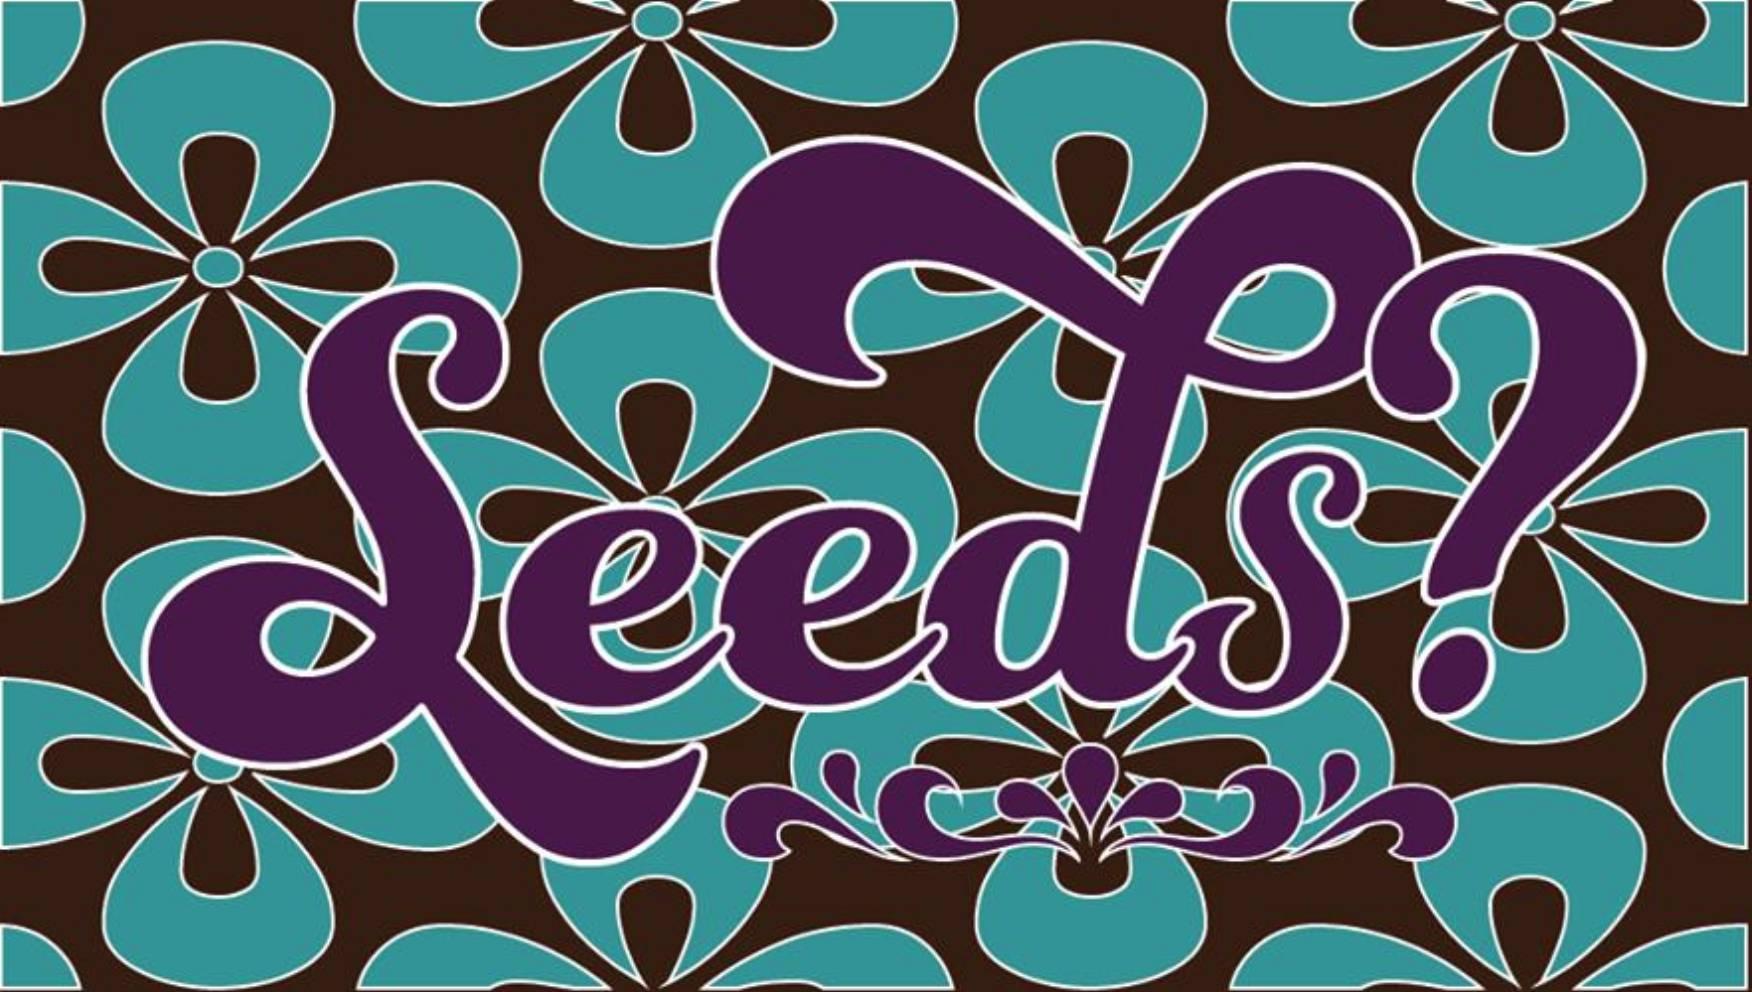 Seeds?